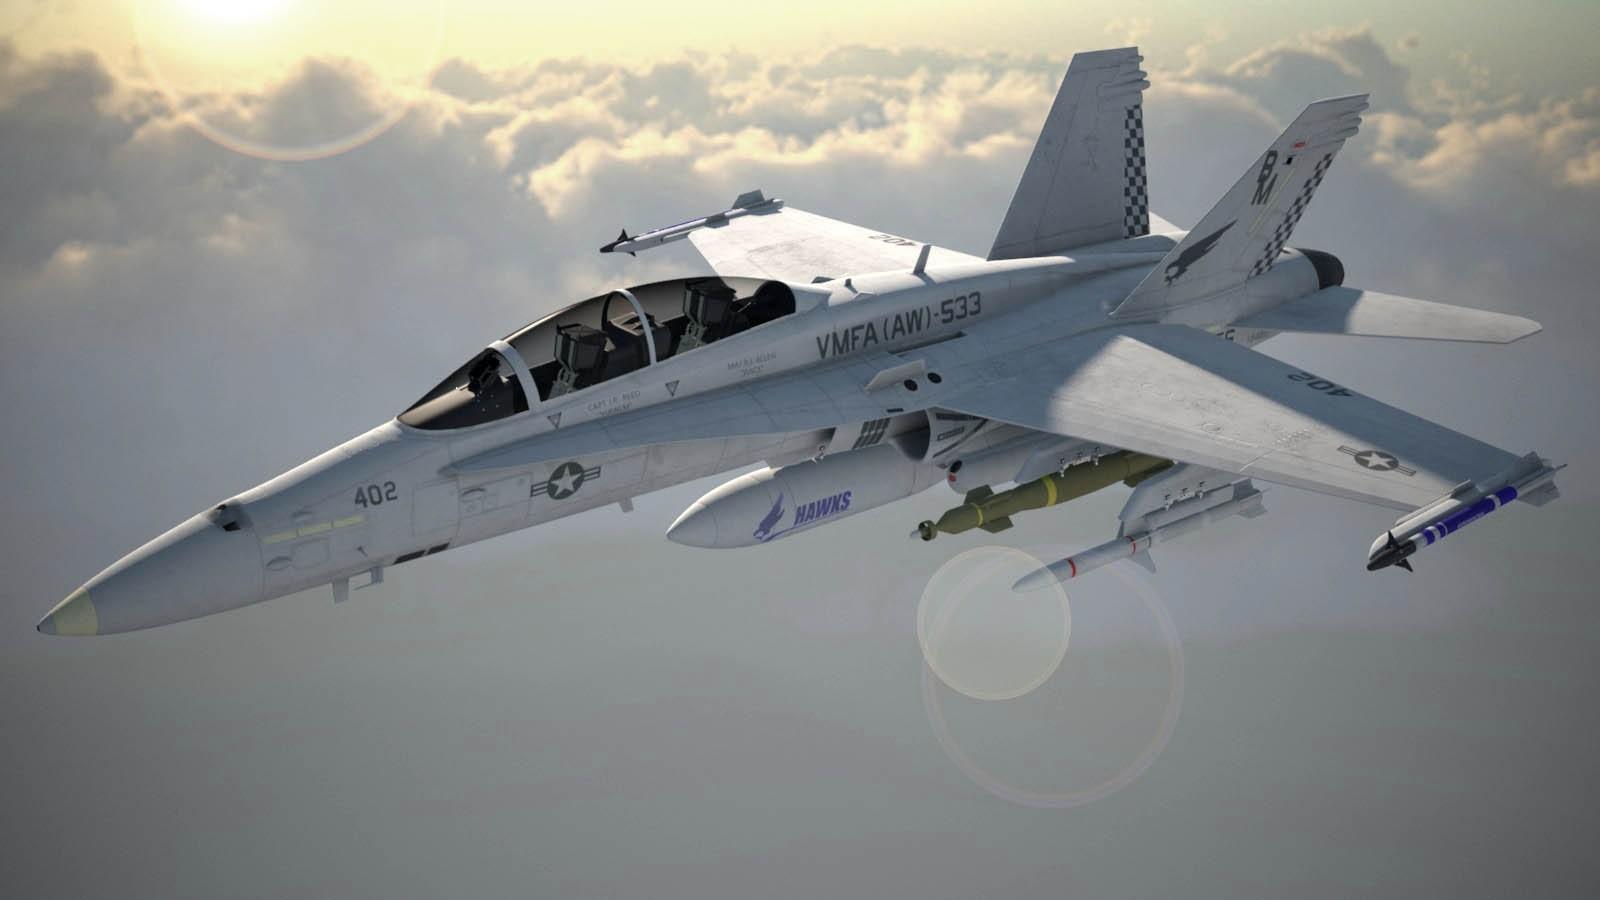 Австралия планирует закупить американские противокорабельные ракеты LRASM